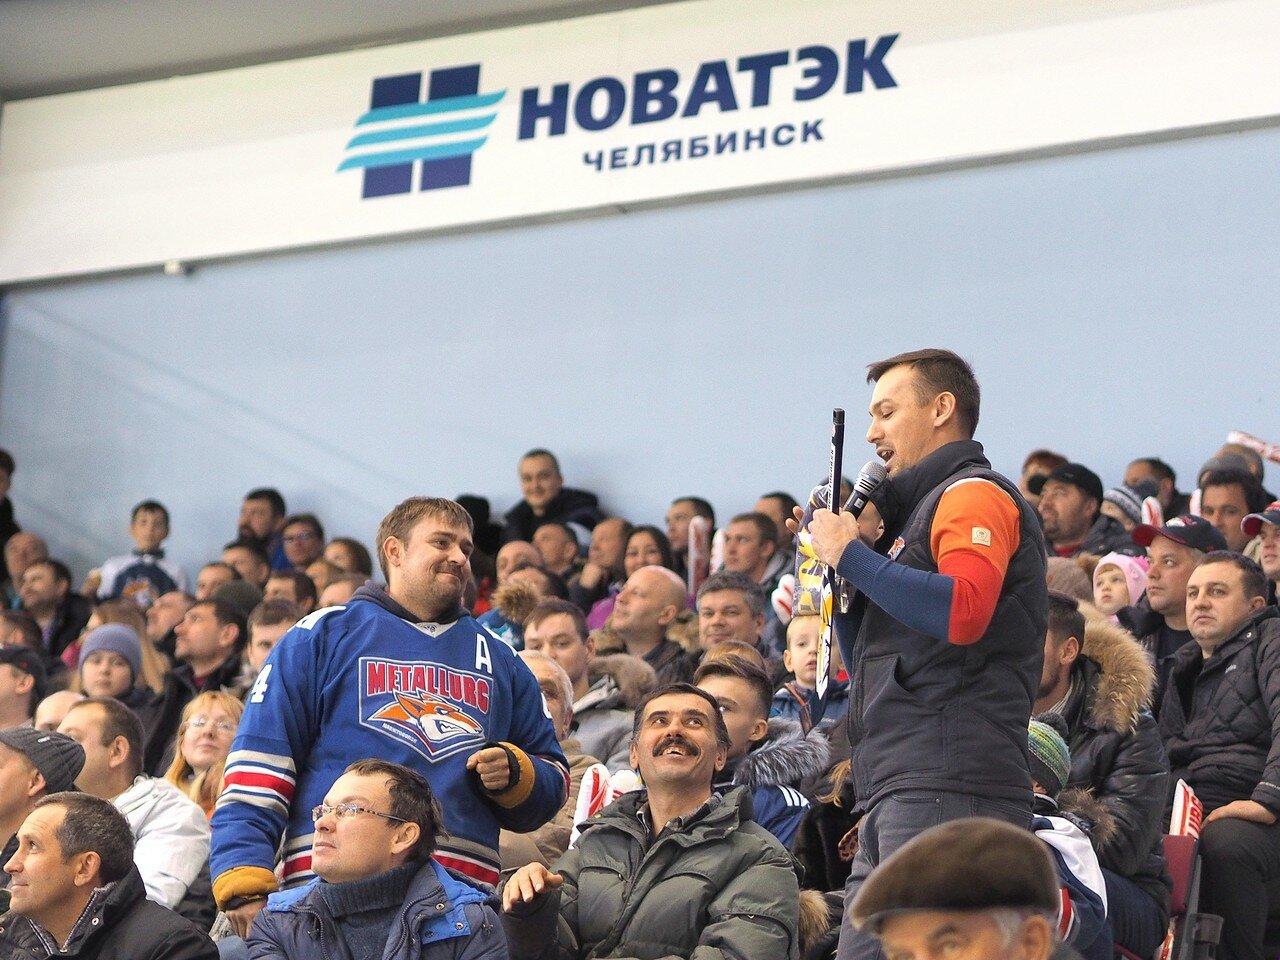 97Металлург - Динамо Москва 21.11.2016